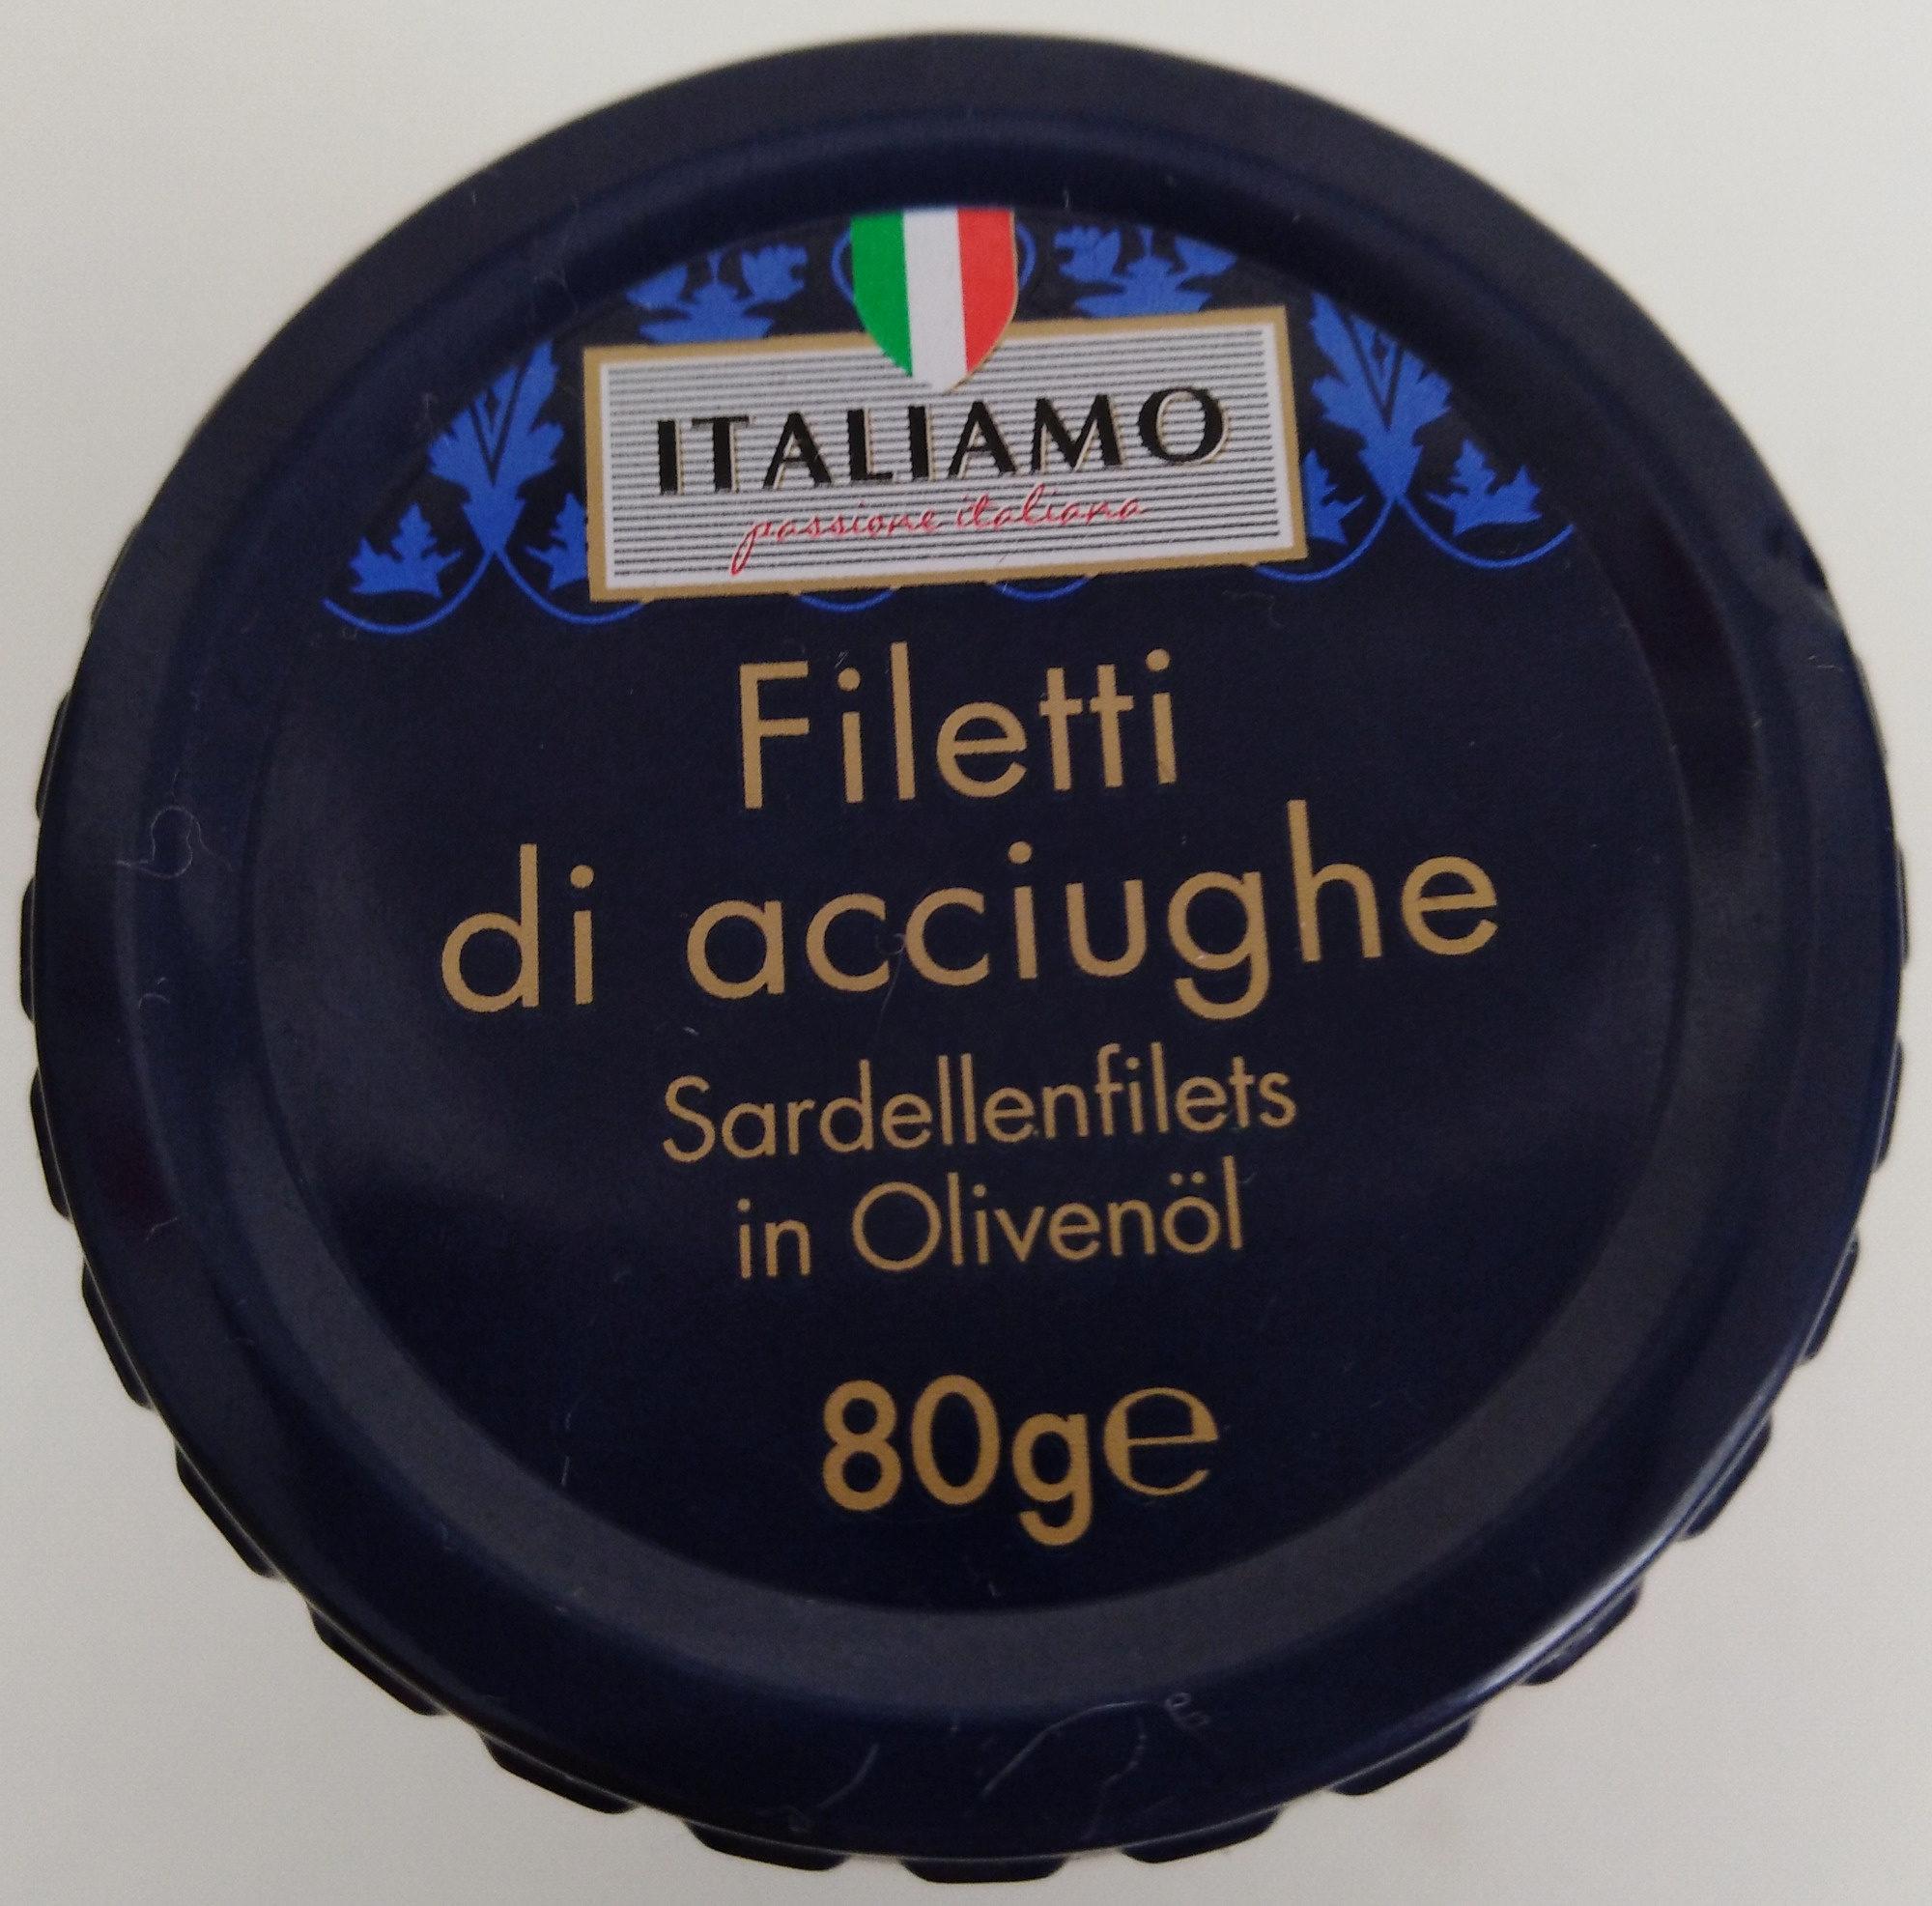 Anchovy fillets in olive oil - Produkt - de